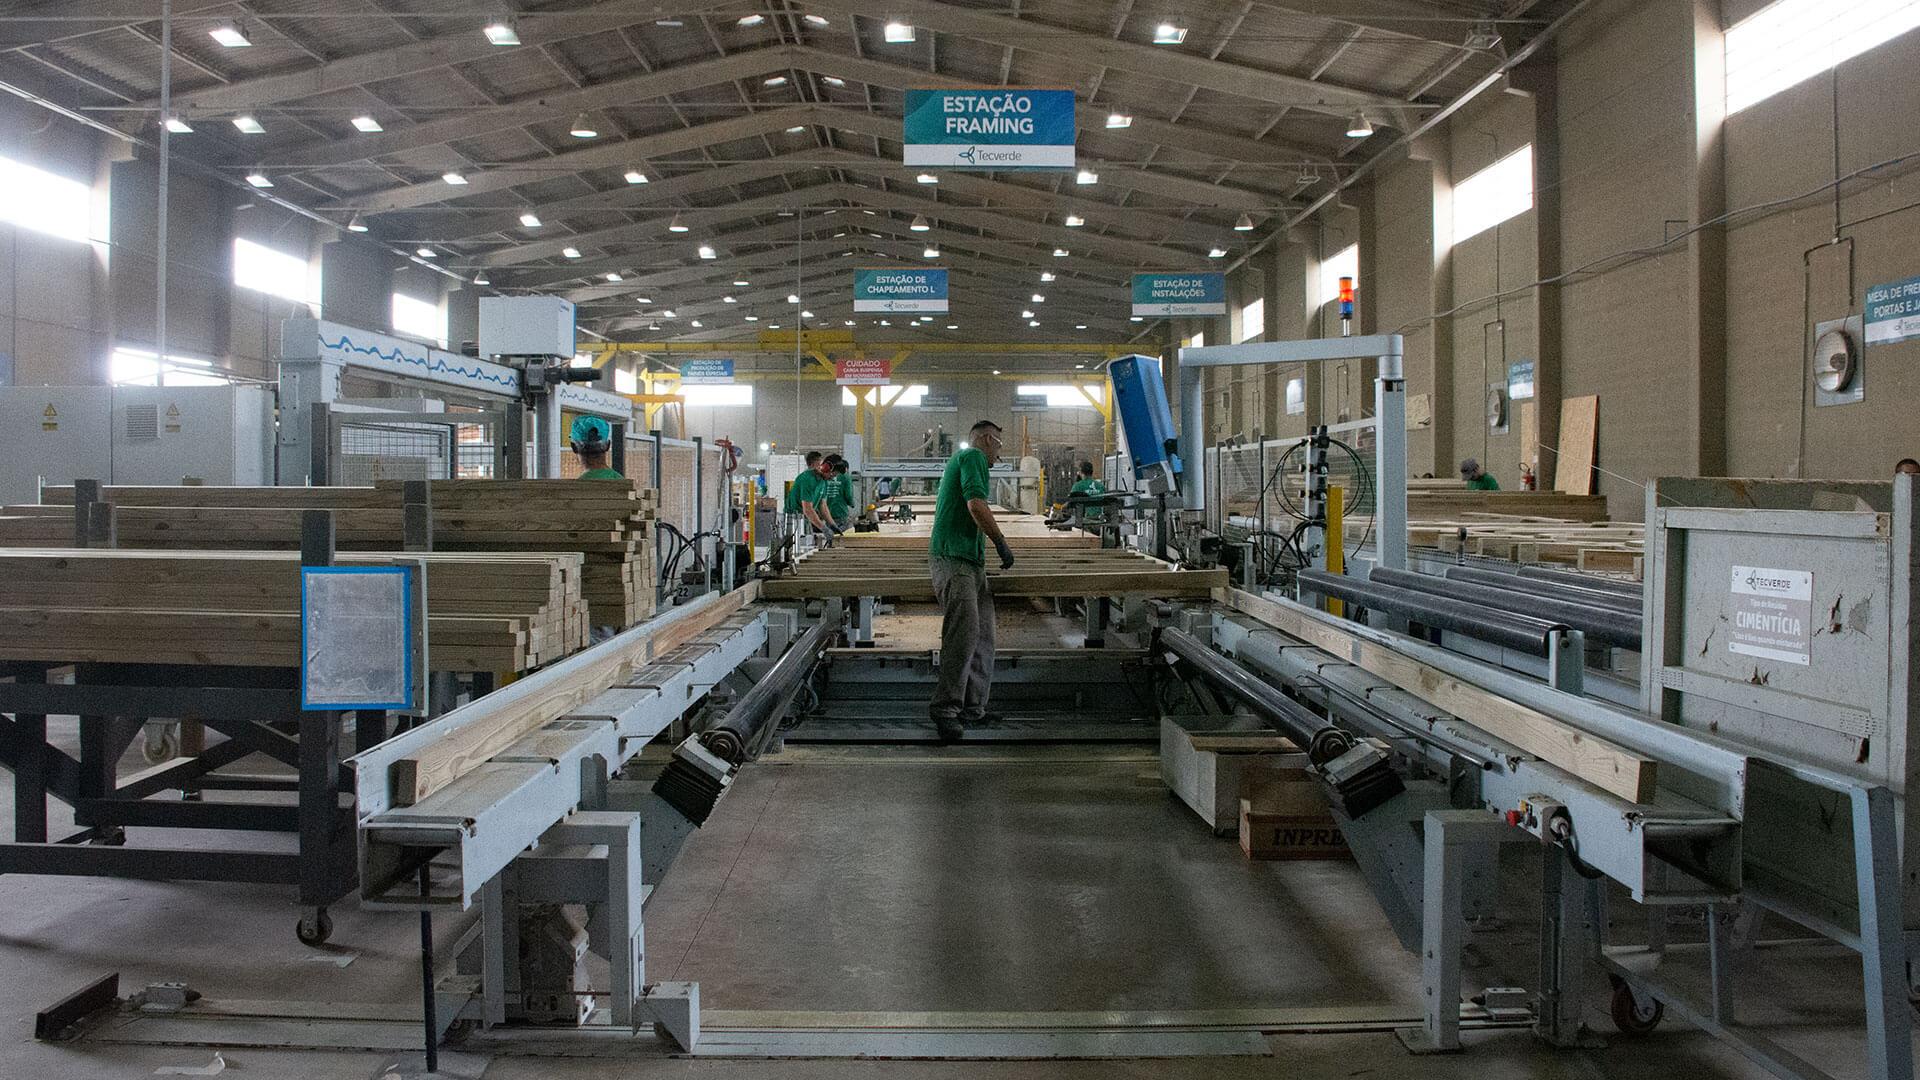 Fabrica de construção industrializada da tecverde